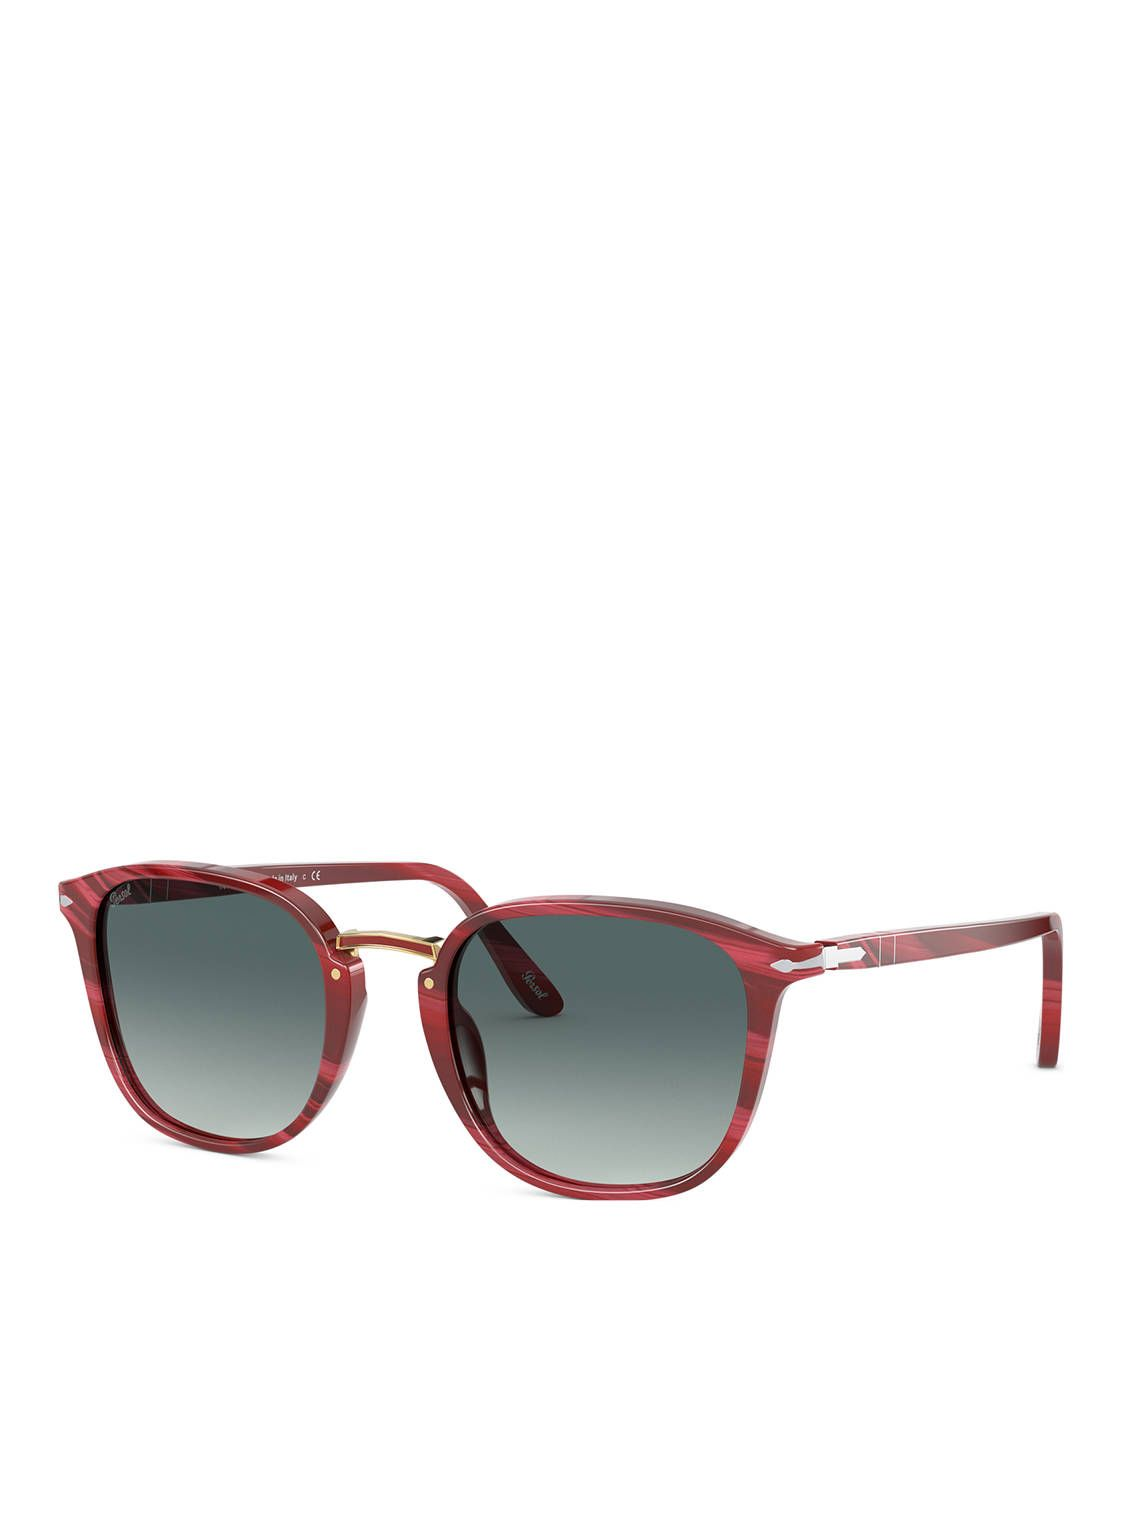 Sonnenbrille PO3186S von Persol bei Breuninger kaufen